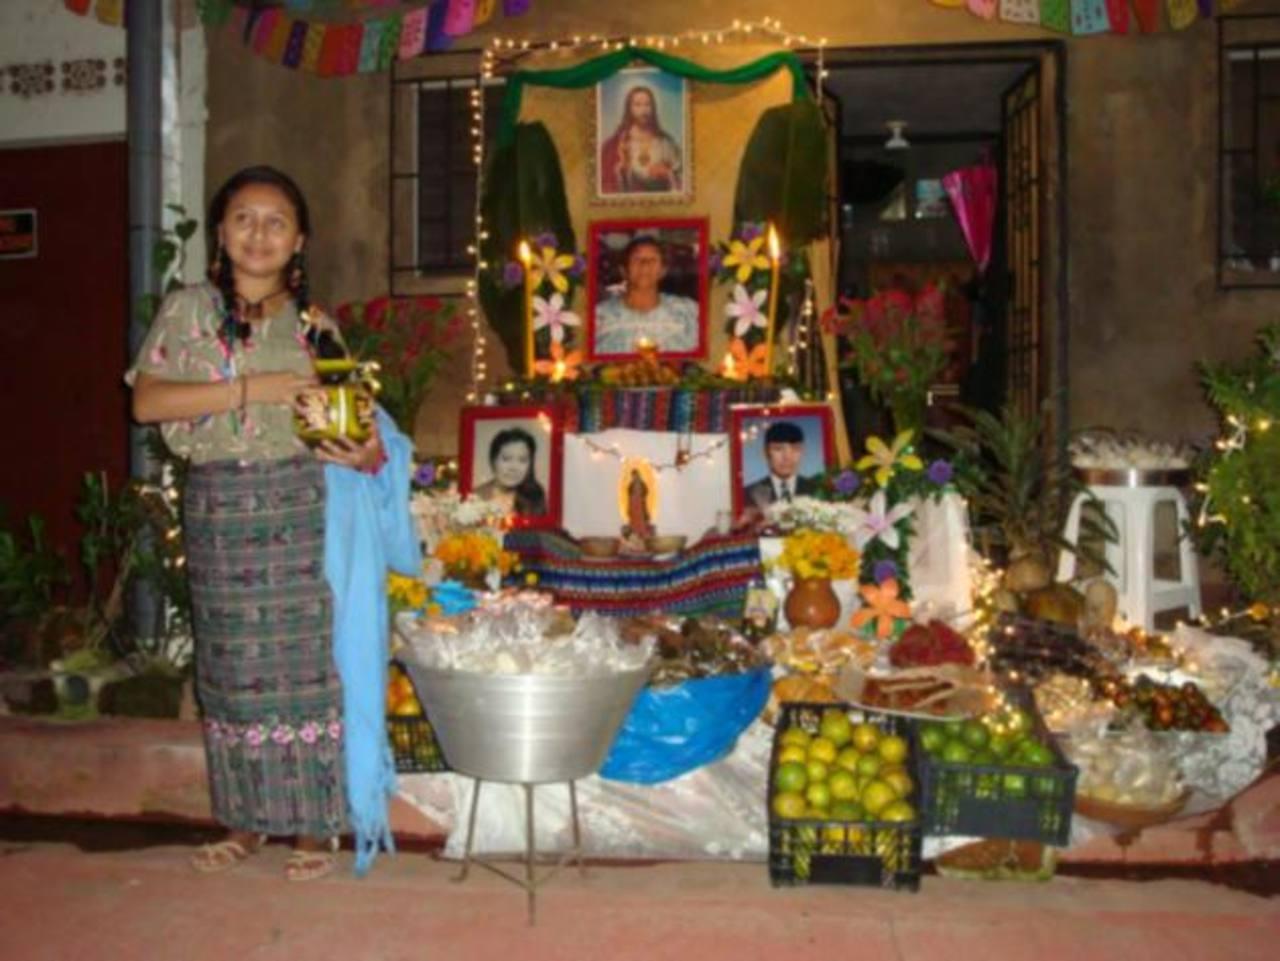 Las familias de la localidad elaborar altares adornados con platillos y bebidas dedicadas a los parientes fallecidos.